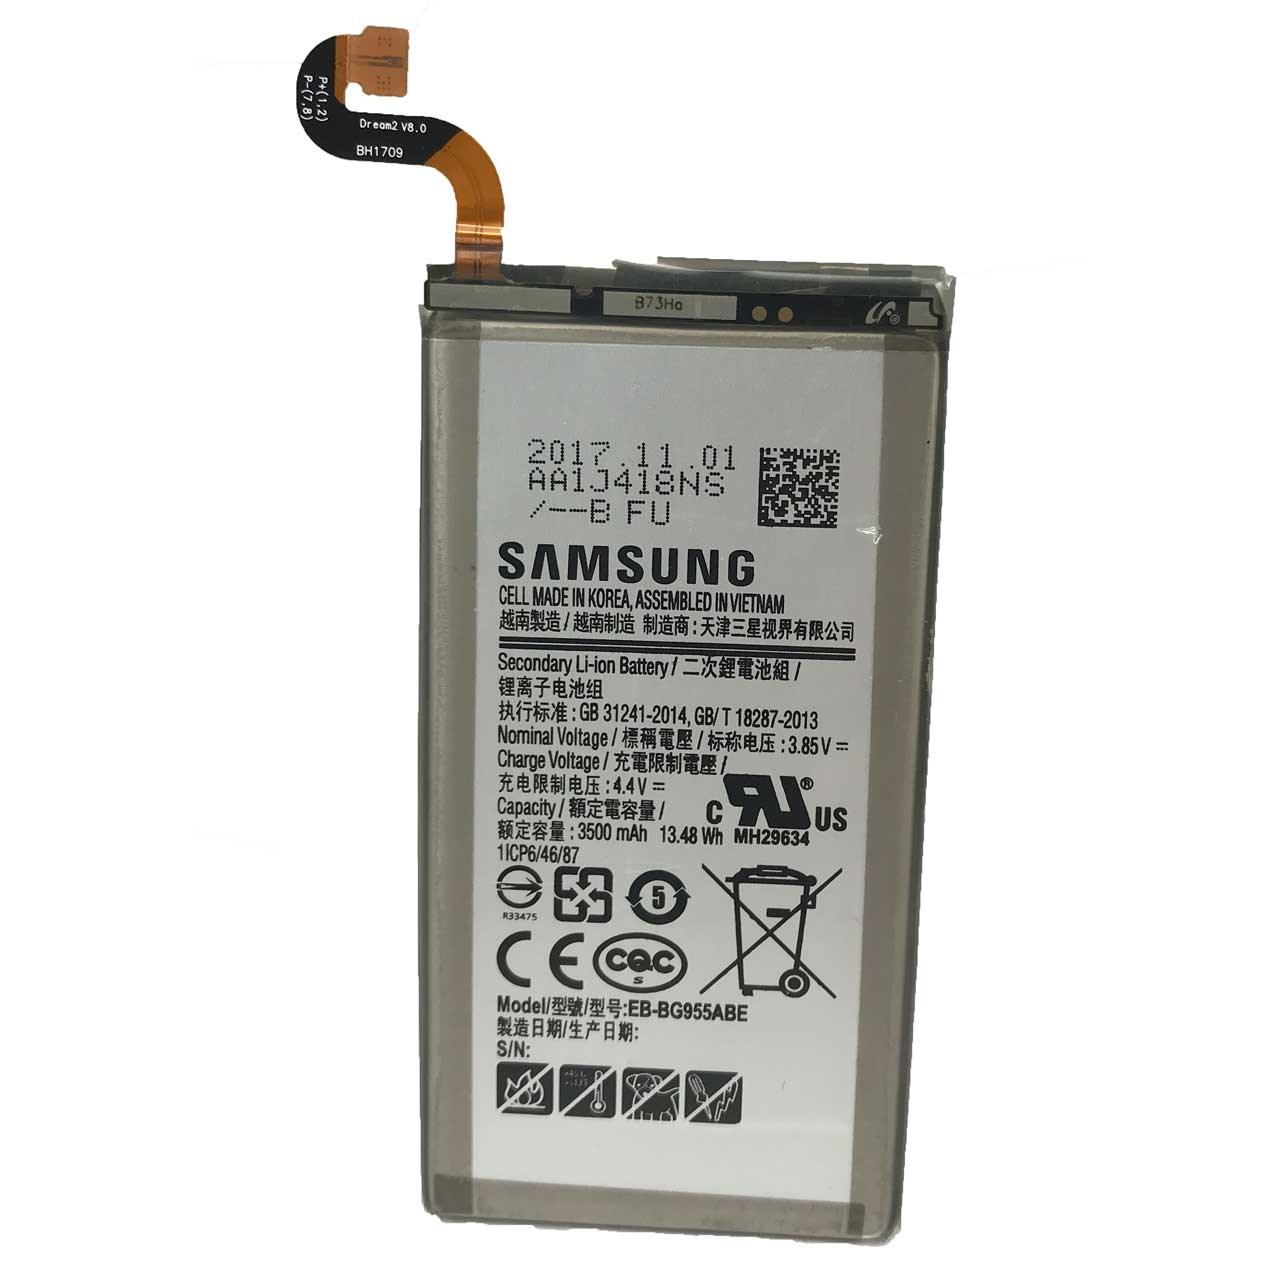 باتری موبایل مدل EB-BG955ABEبا ظرفیت 3500mAh مناسب برای گوشی موبایل سامسونگ Galaxy S8 PLUS                     غیر اصل